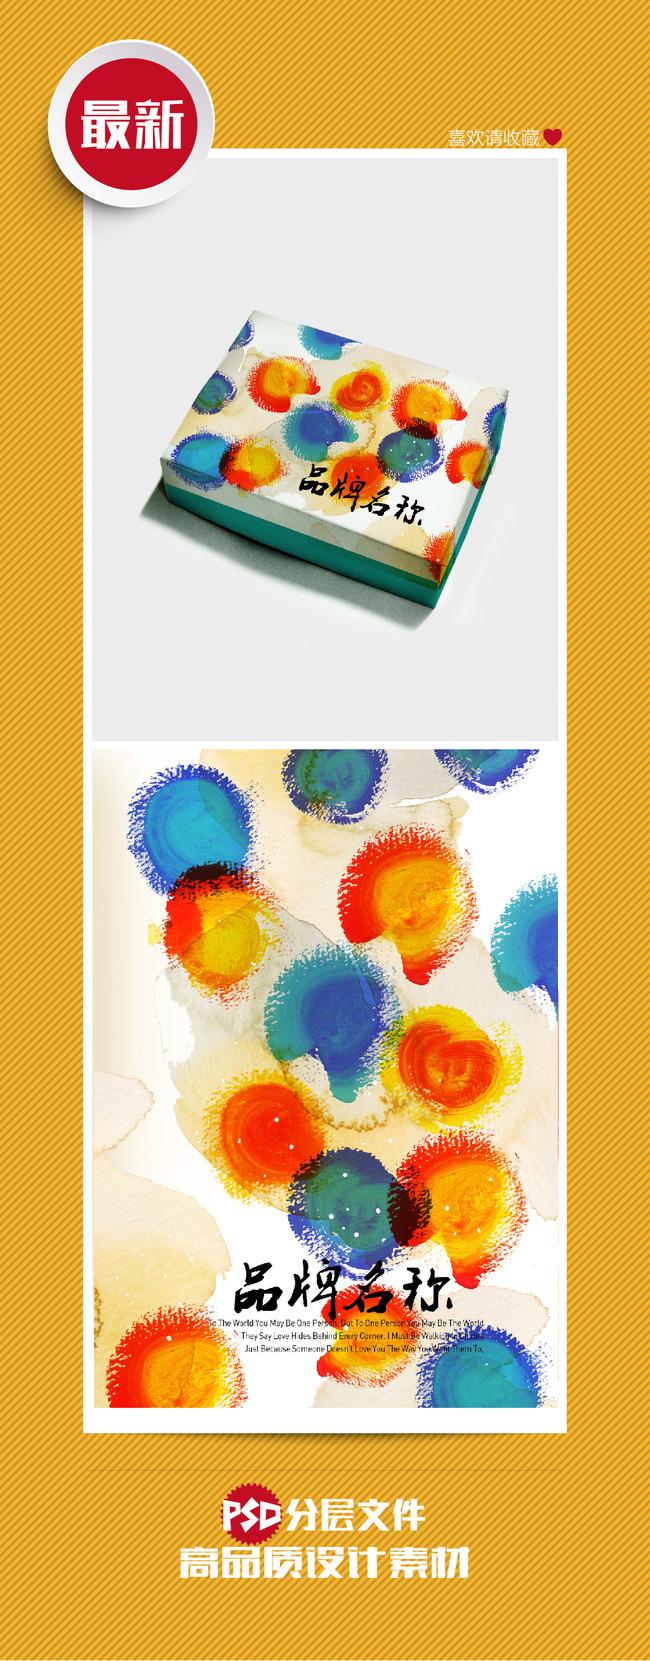 创意手绘色彩包装平面图及立体展示图模板下载(图片:)